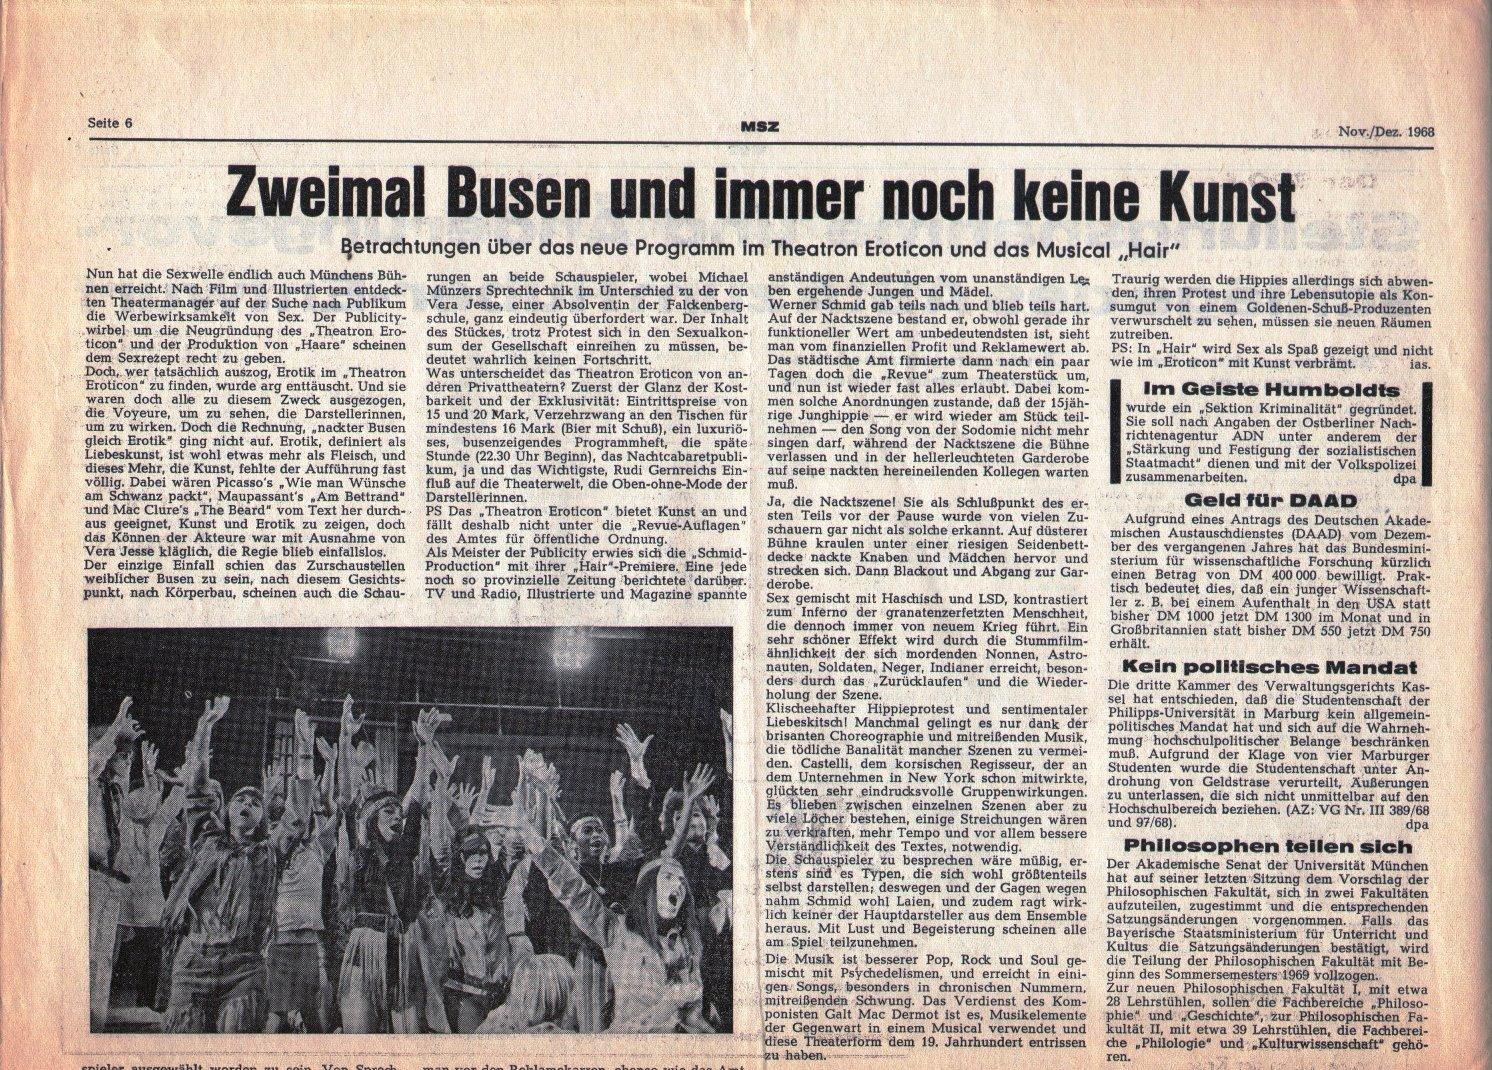 Muenchen_MSZ058